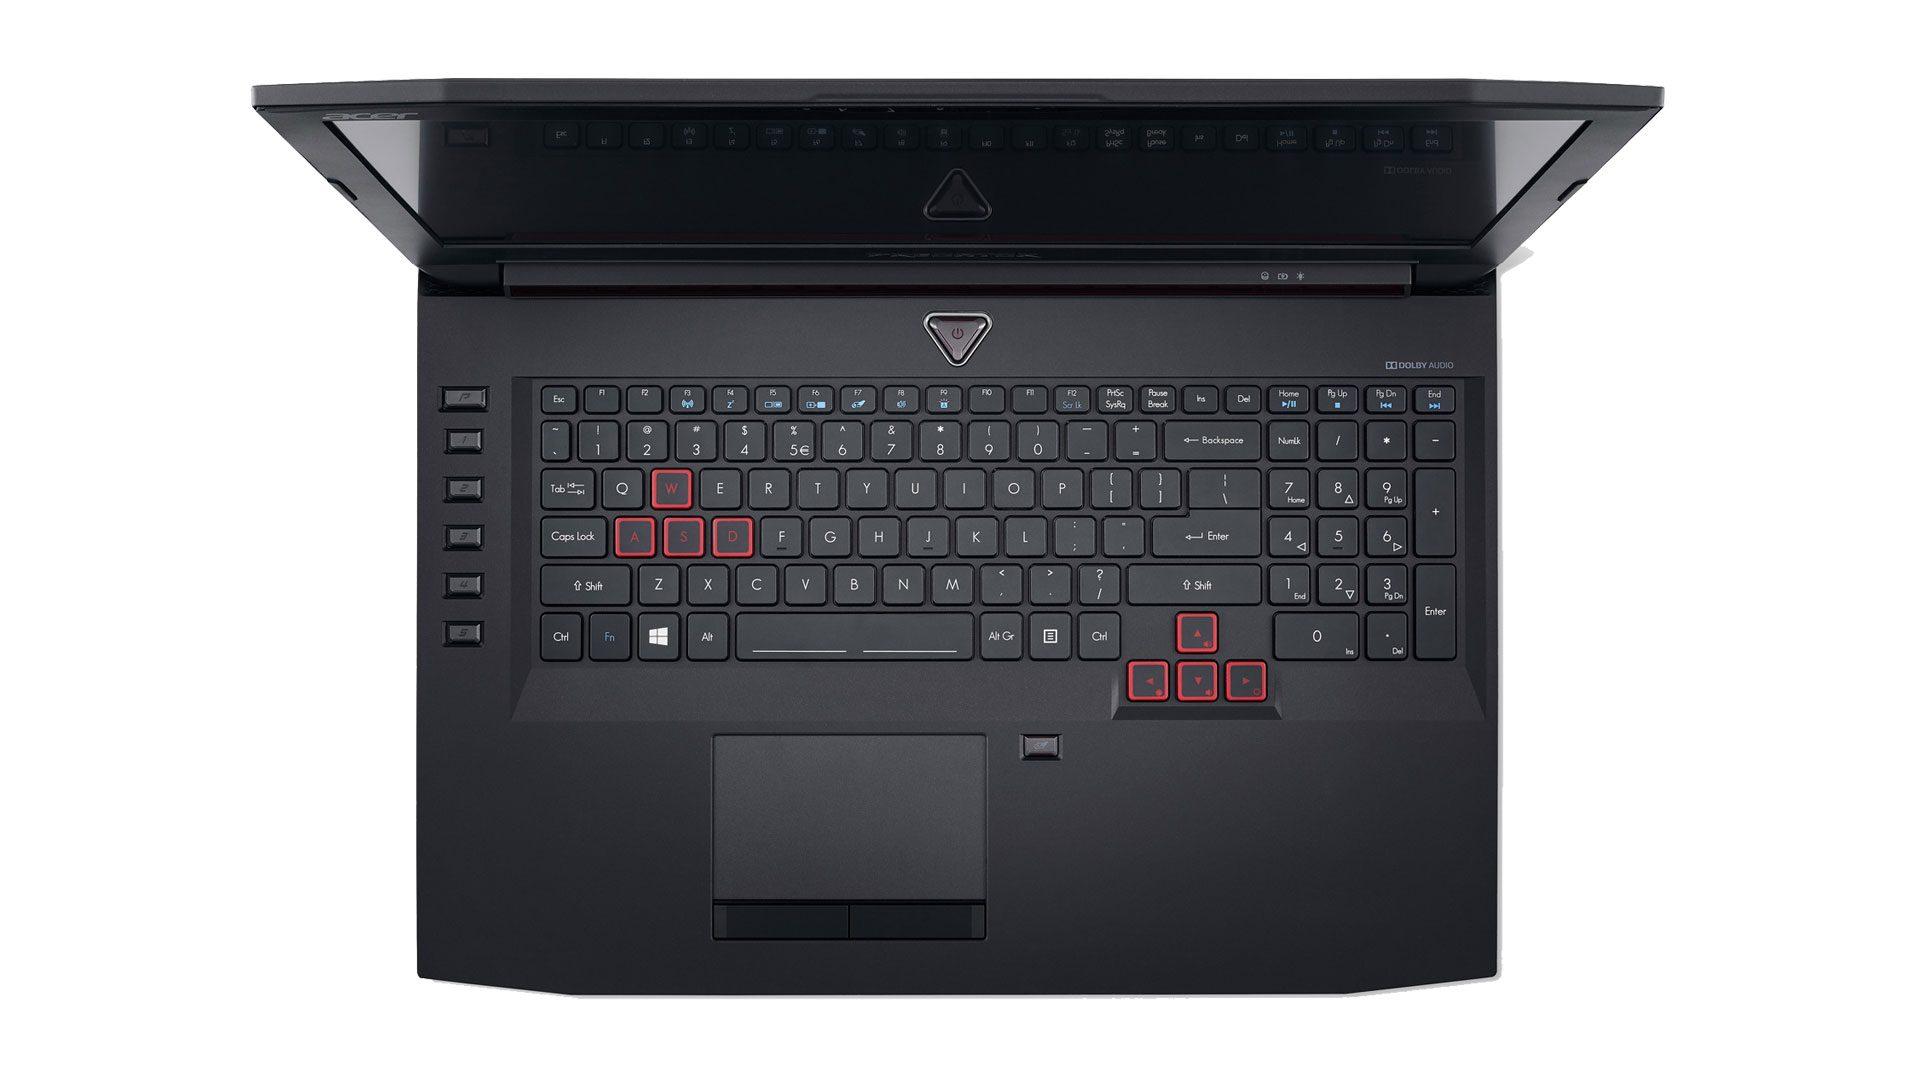 Acer-Predator-17-G9-793-718K_Ansicht-7